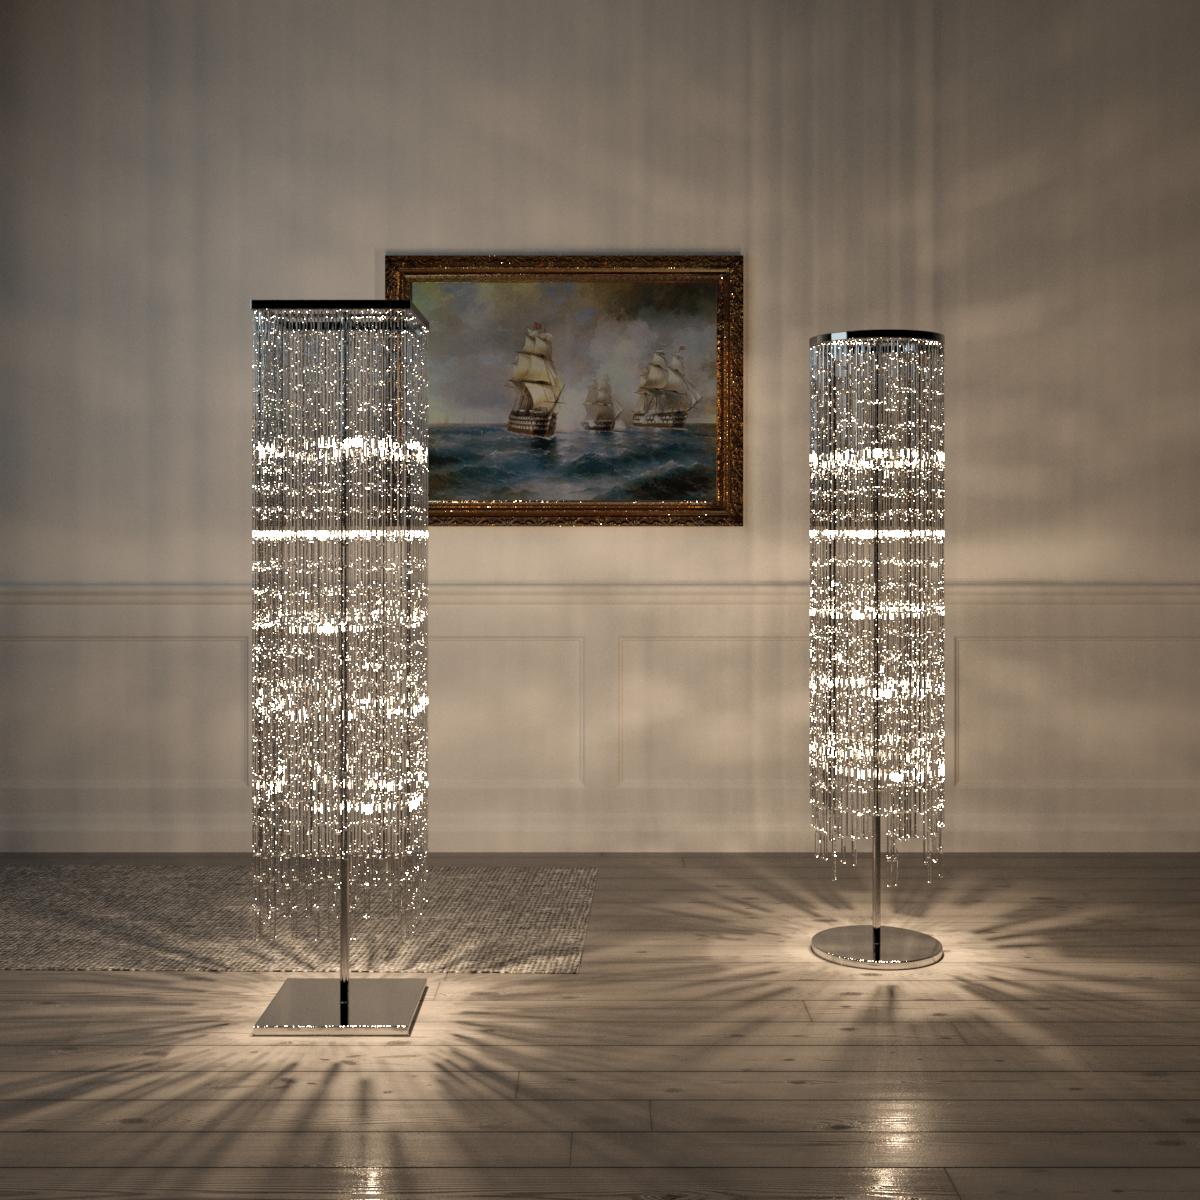 Full Size of Kostenlos Kristall Stehleuchte Kreis Quadrat 3d Modell Stehlampe Wohnzimmer Stehlampen Schlafzimmer Wohnzimmer Kristall Stehlampe